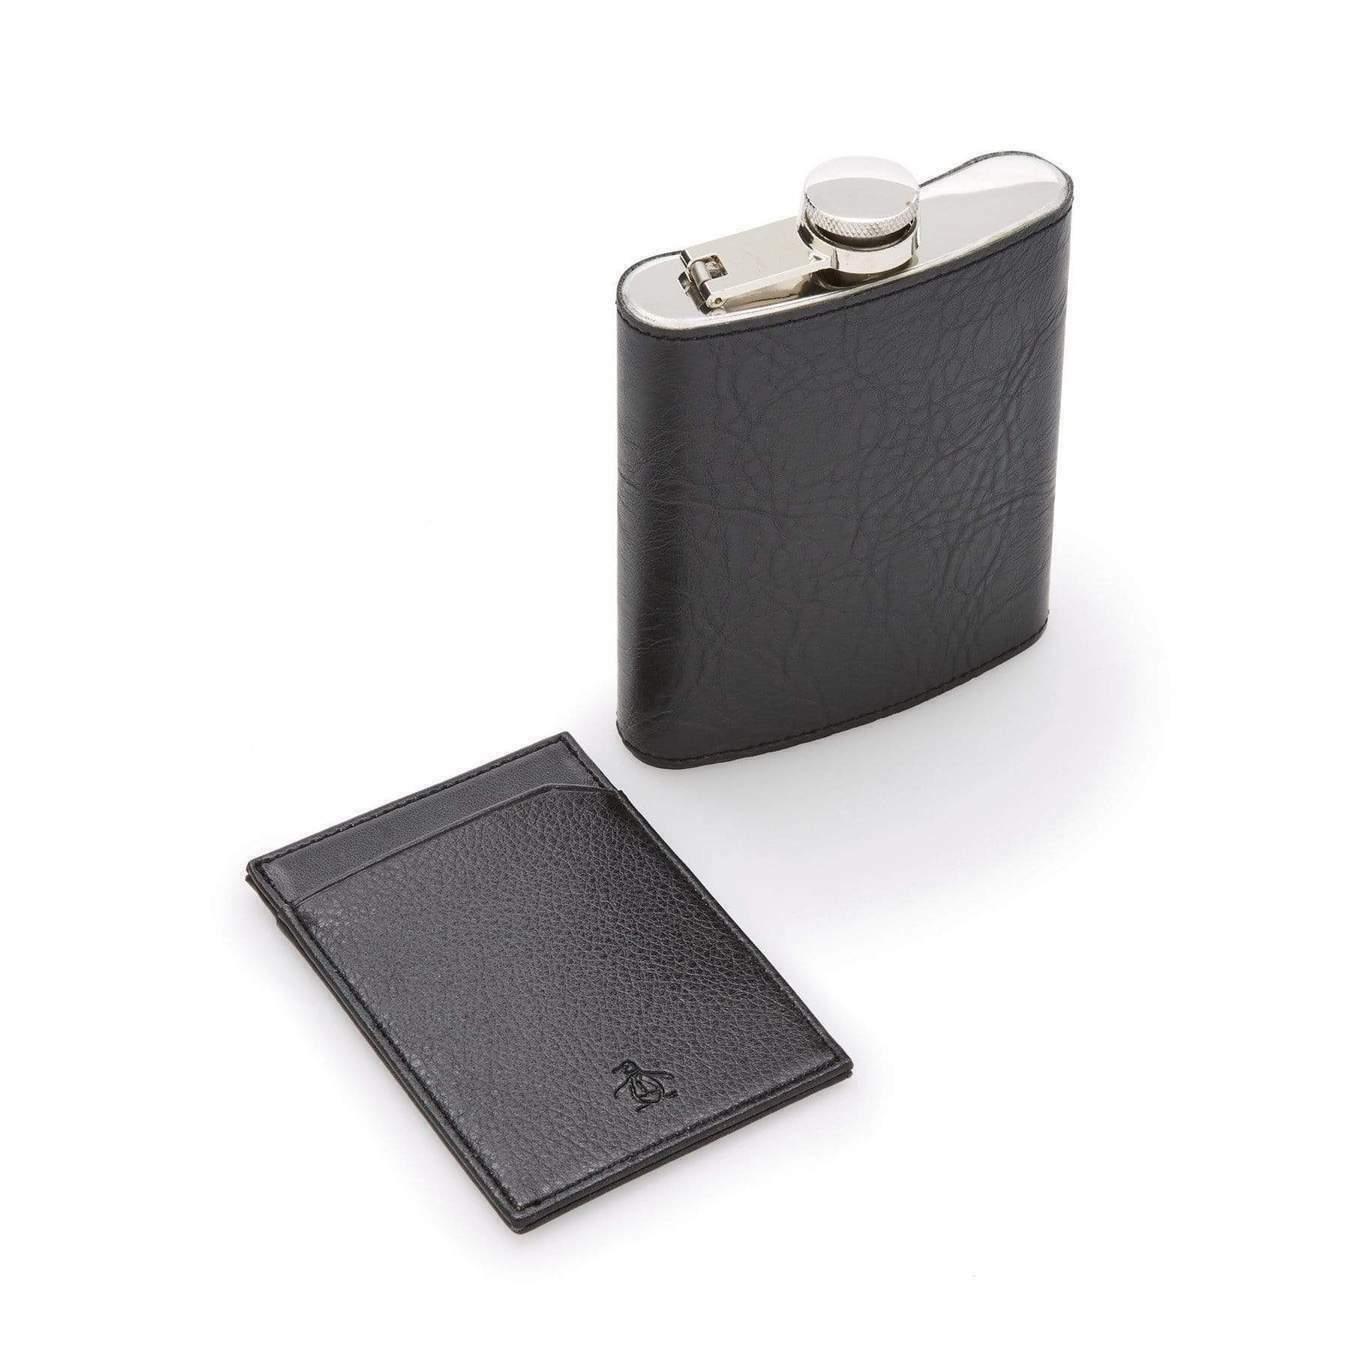 Nordstrom Rack - Original Penguin, Leather Pocket Flask 7oz & Card Holder, Black